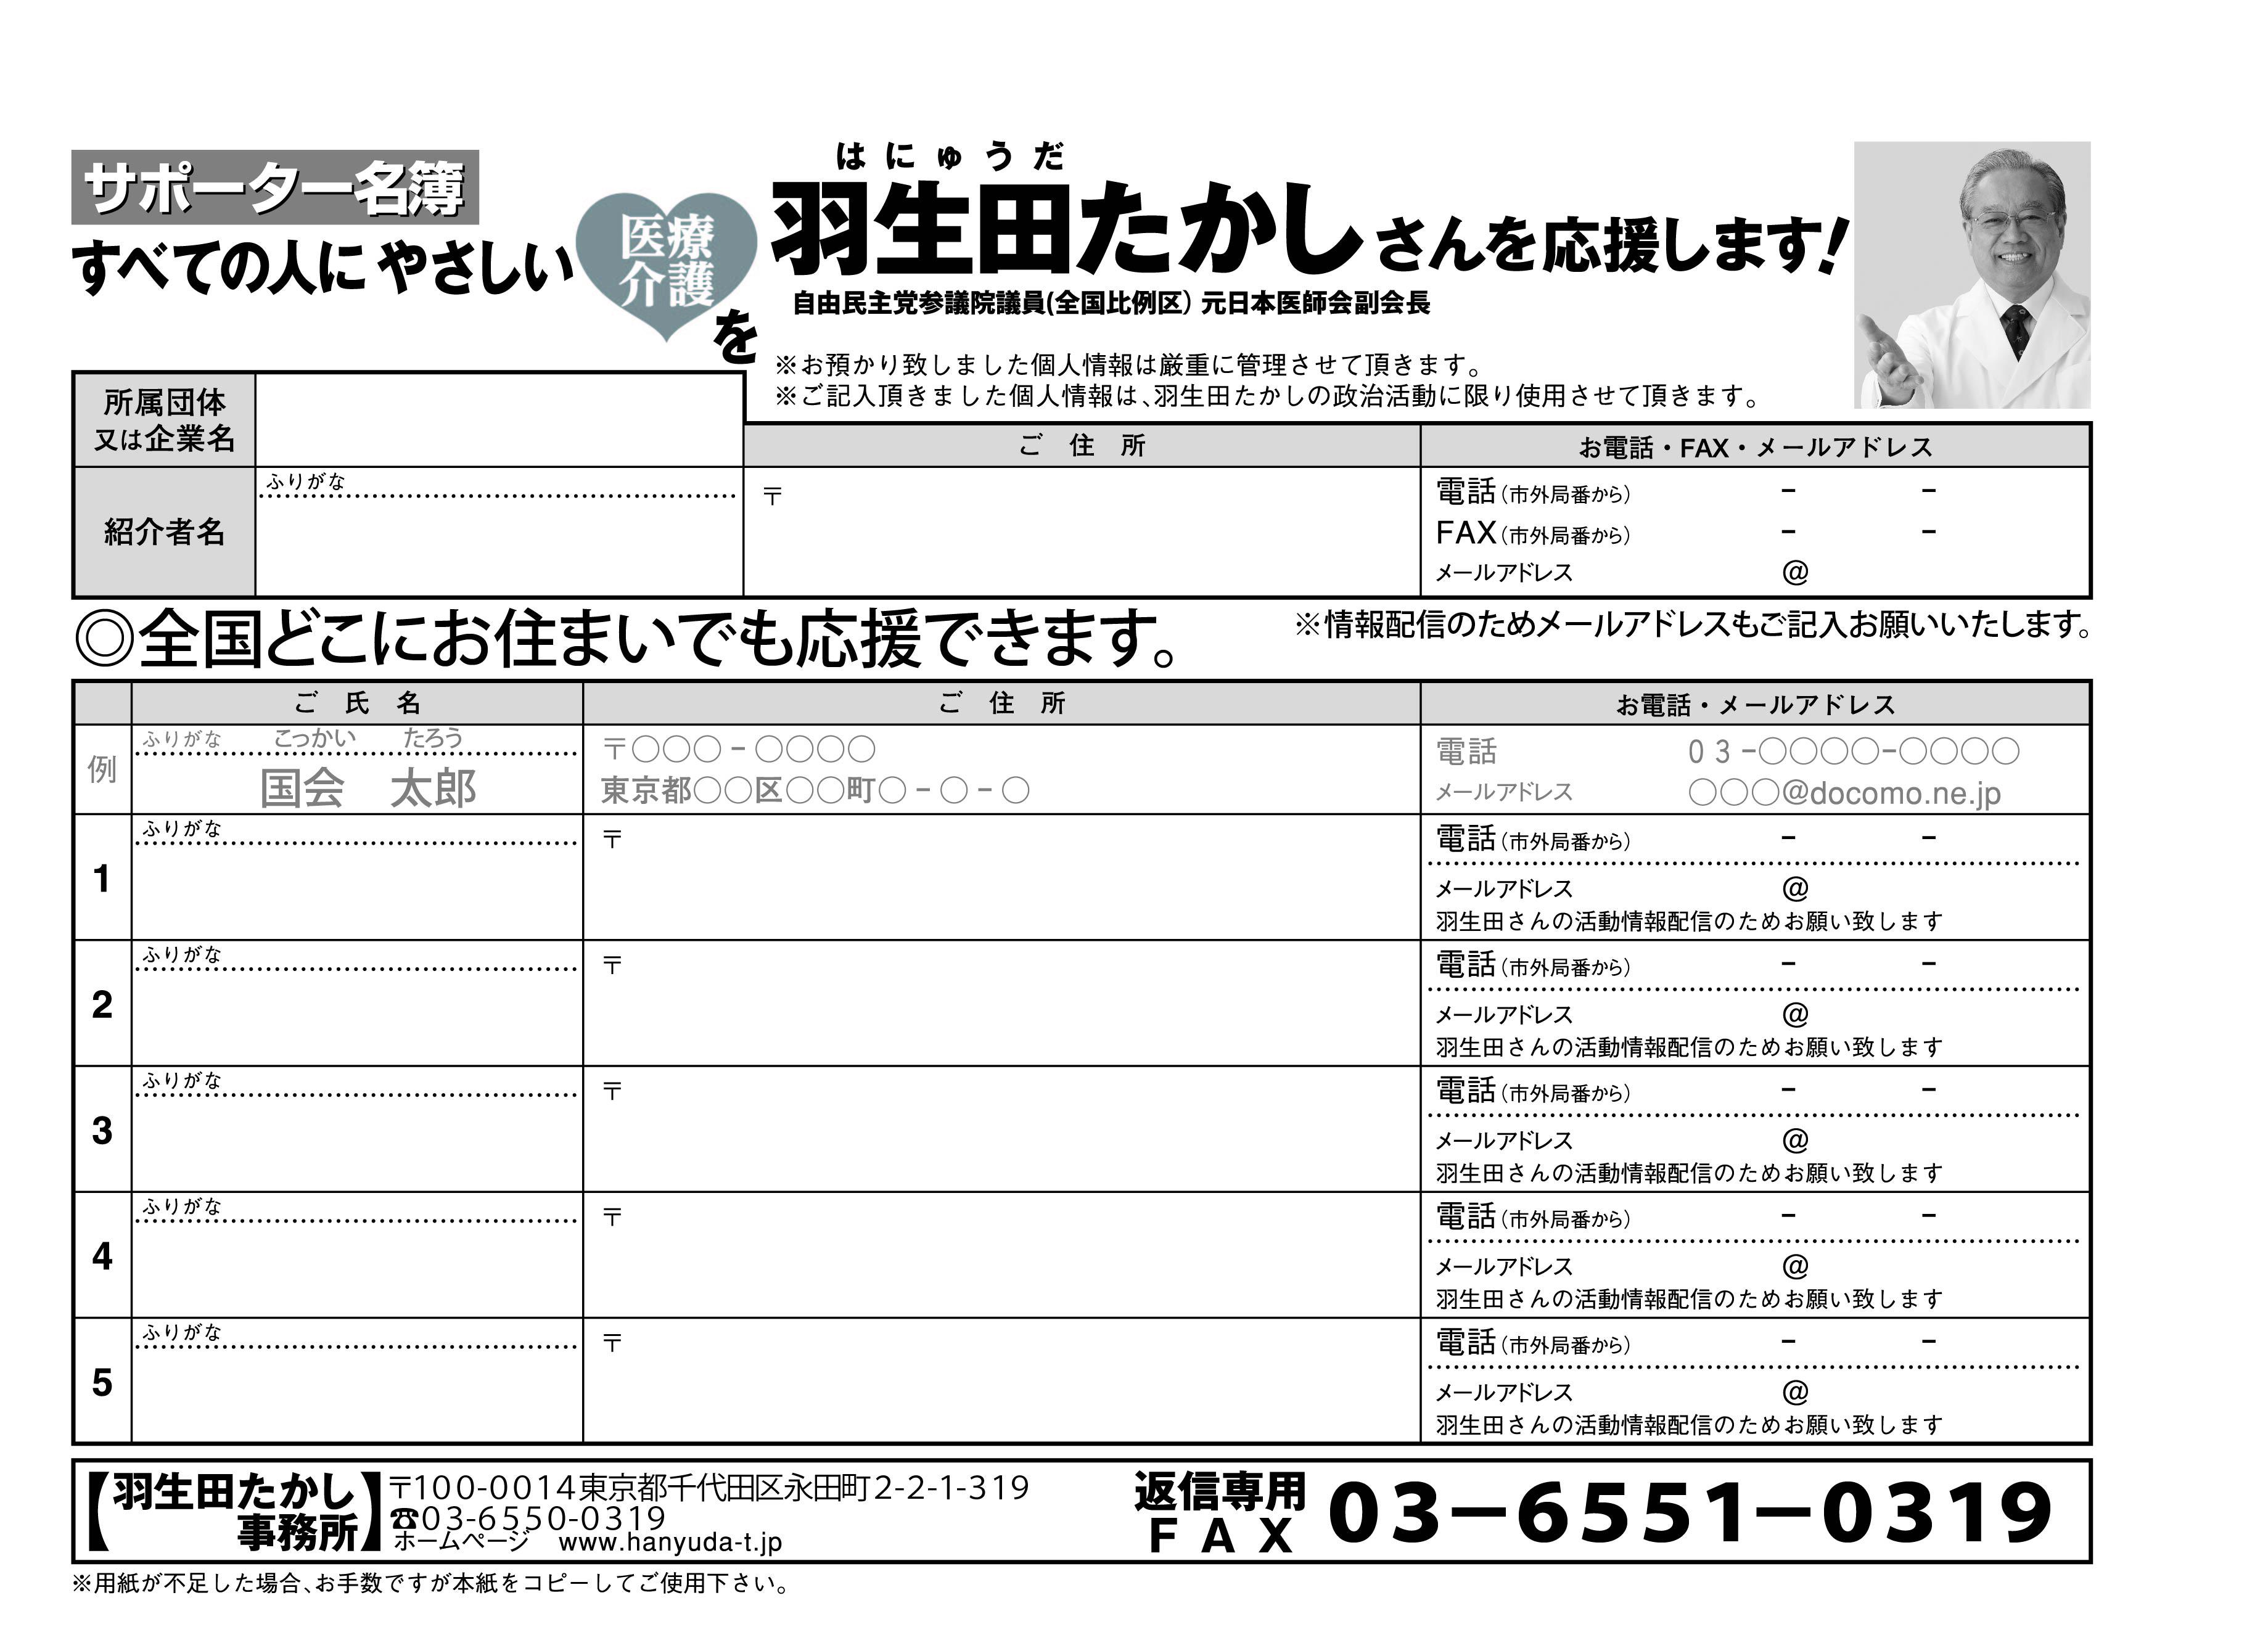 羽生田たかし後援会申込み書